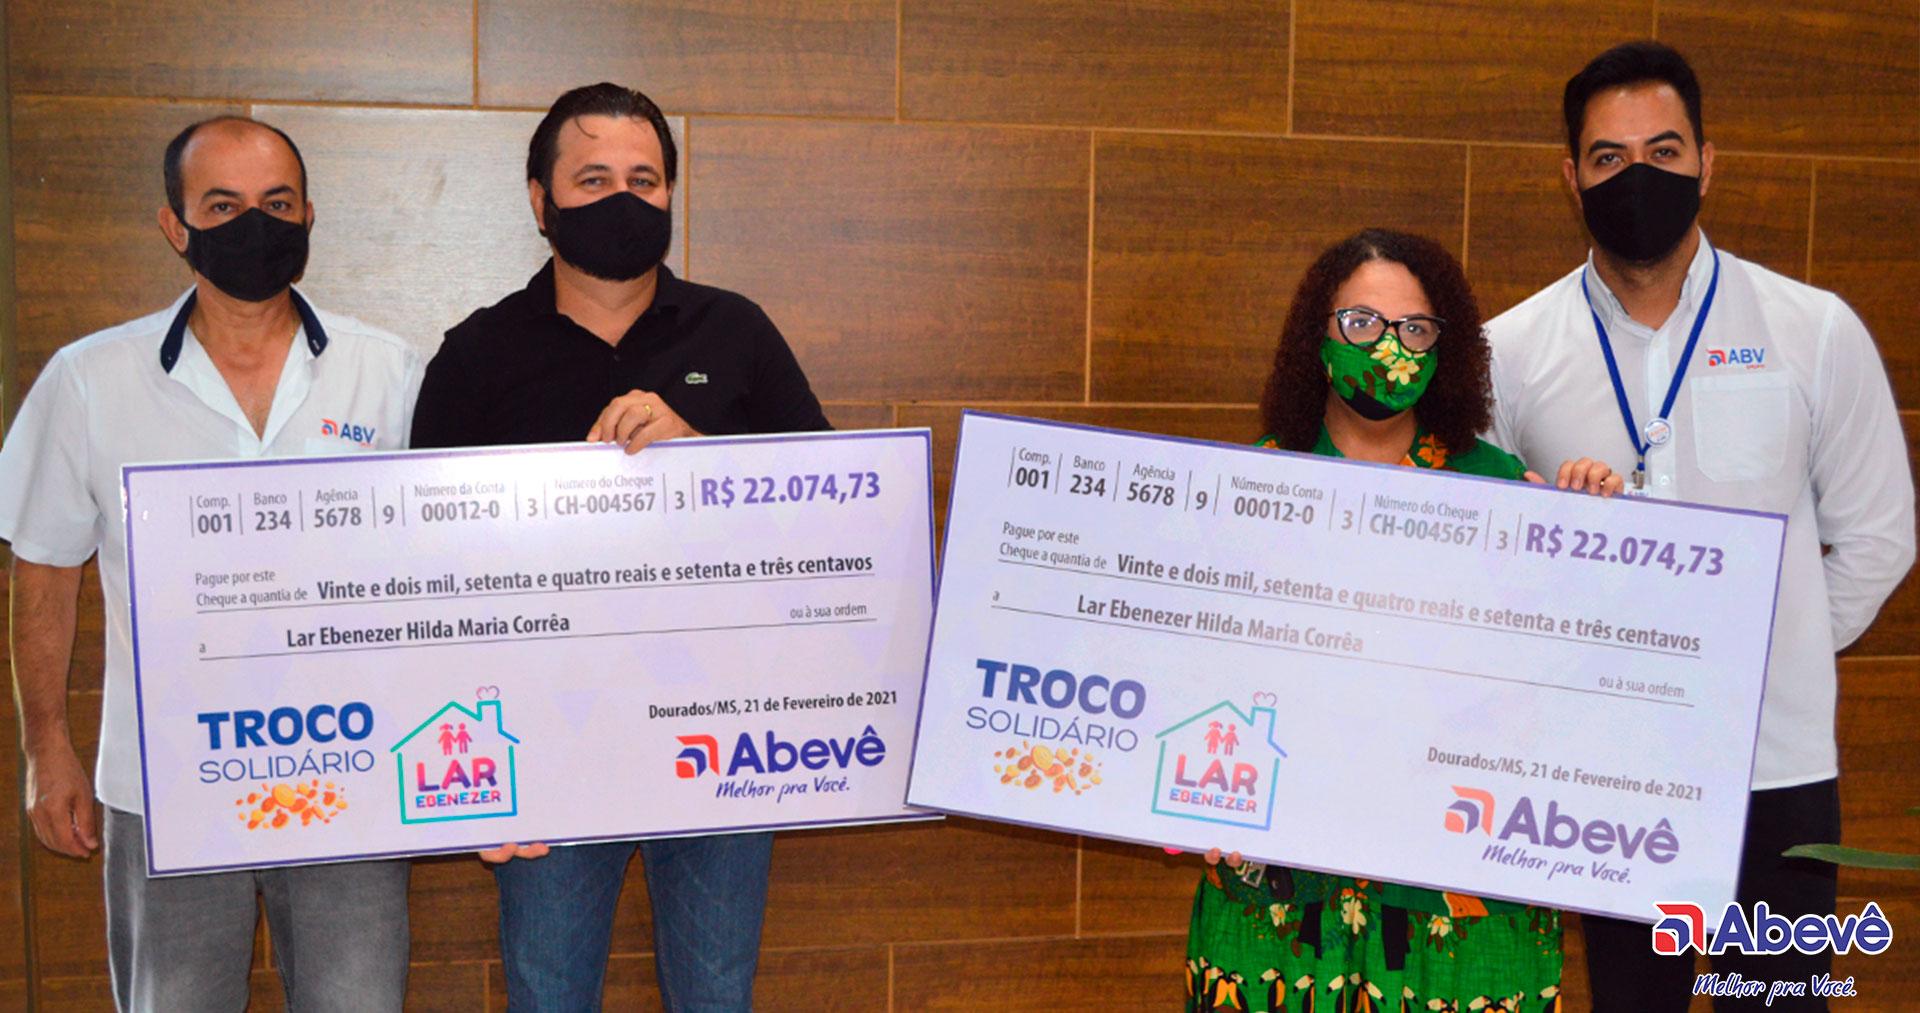 Abevê entrega R$22.074,73 da campanha Troco Solidário